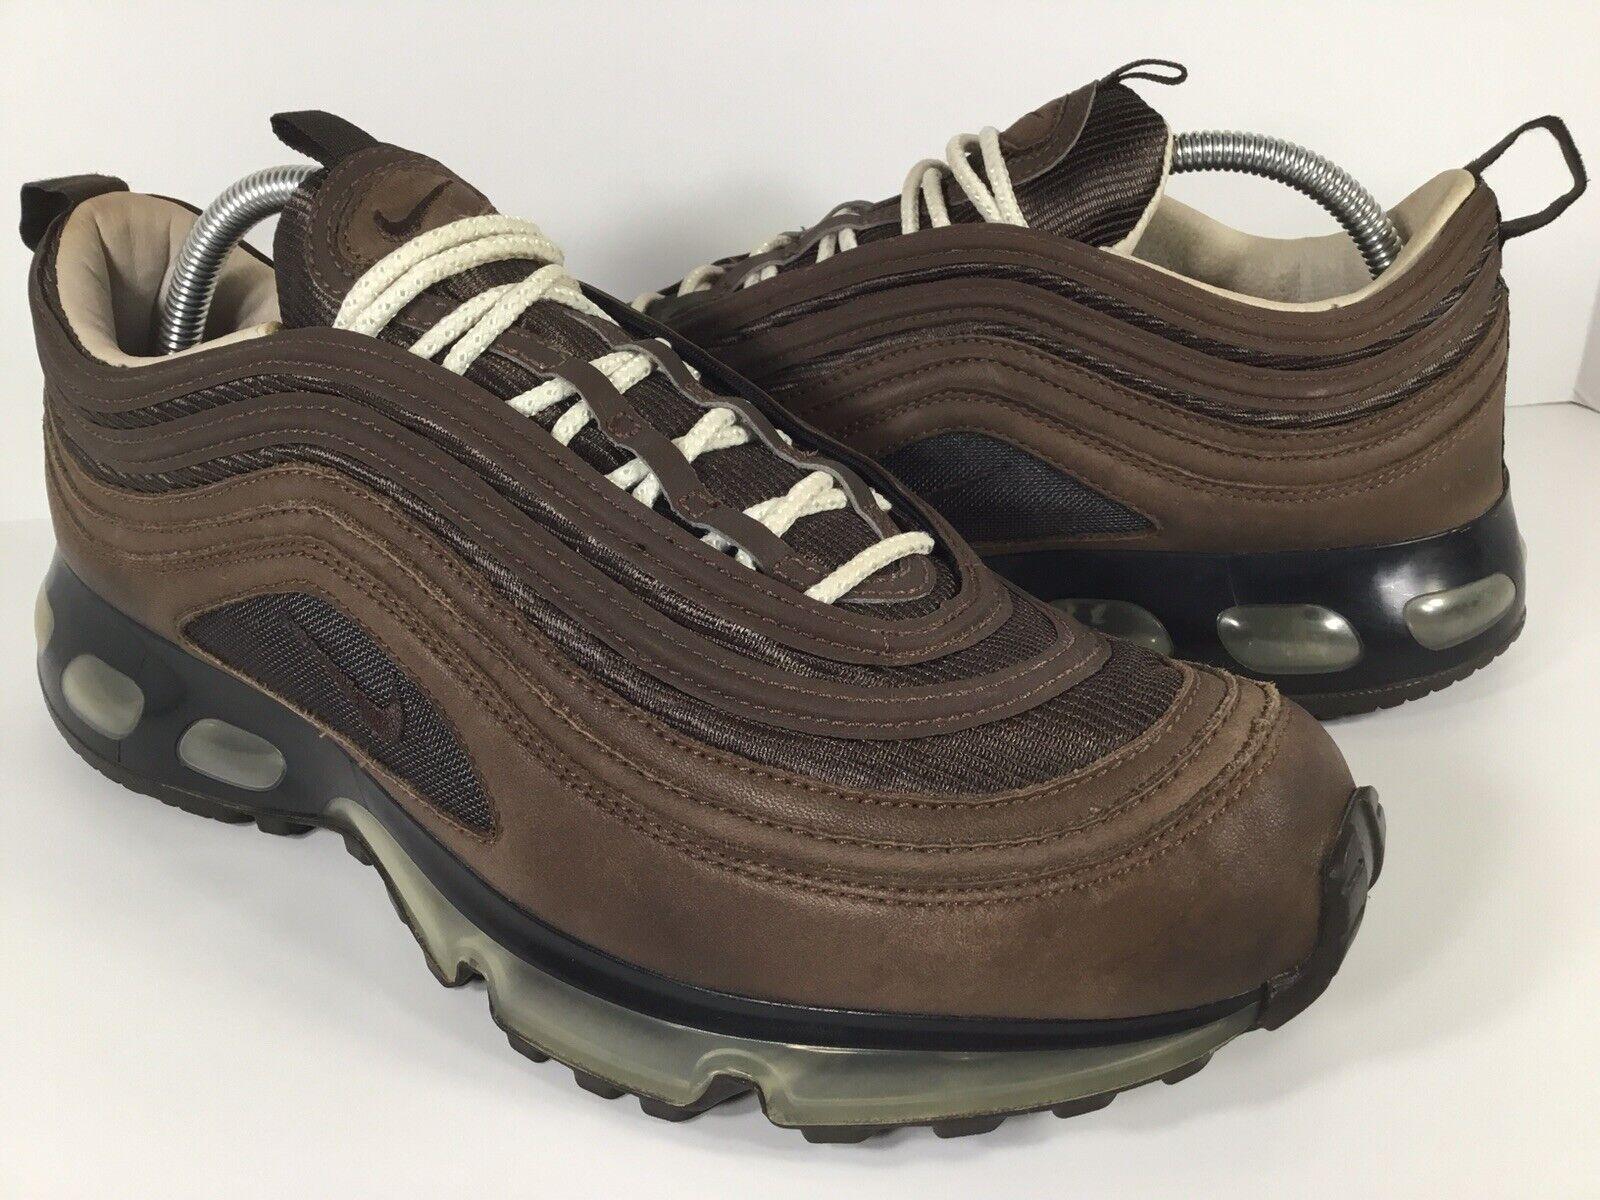 Nike Air Max 97 360 Brown Beige Black White 2006 Mens Size 10.5 Rare 315349-221